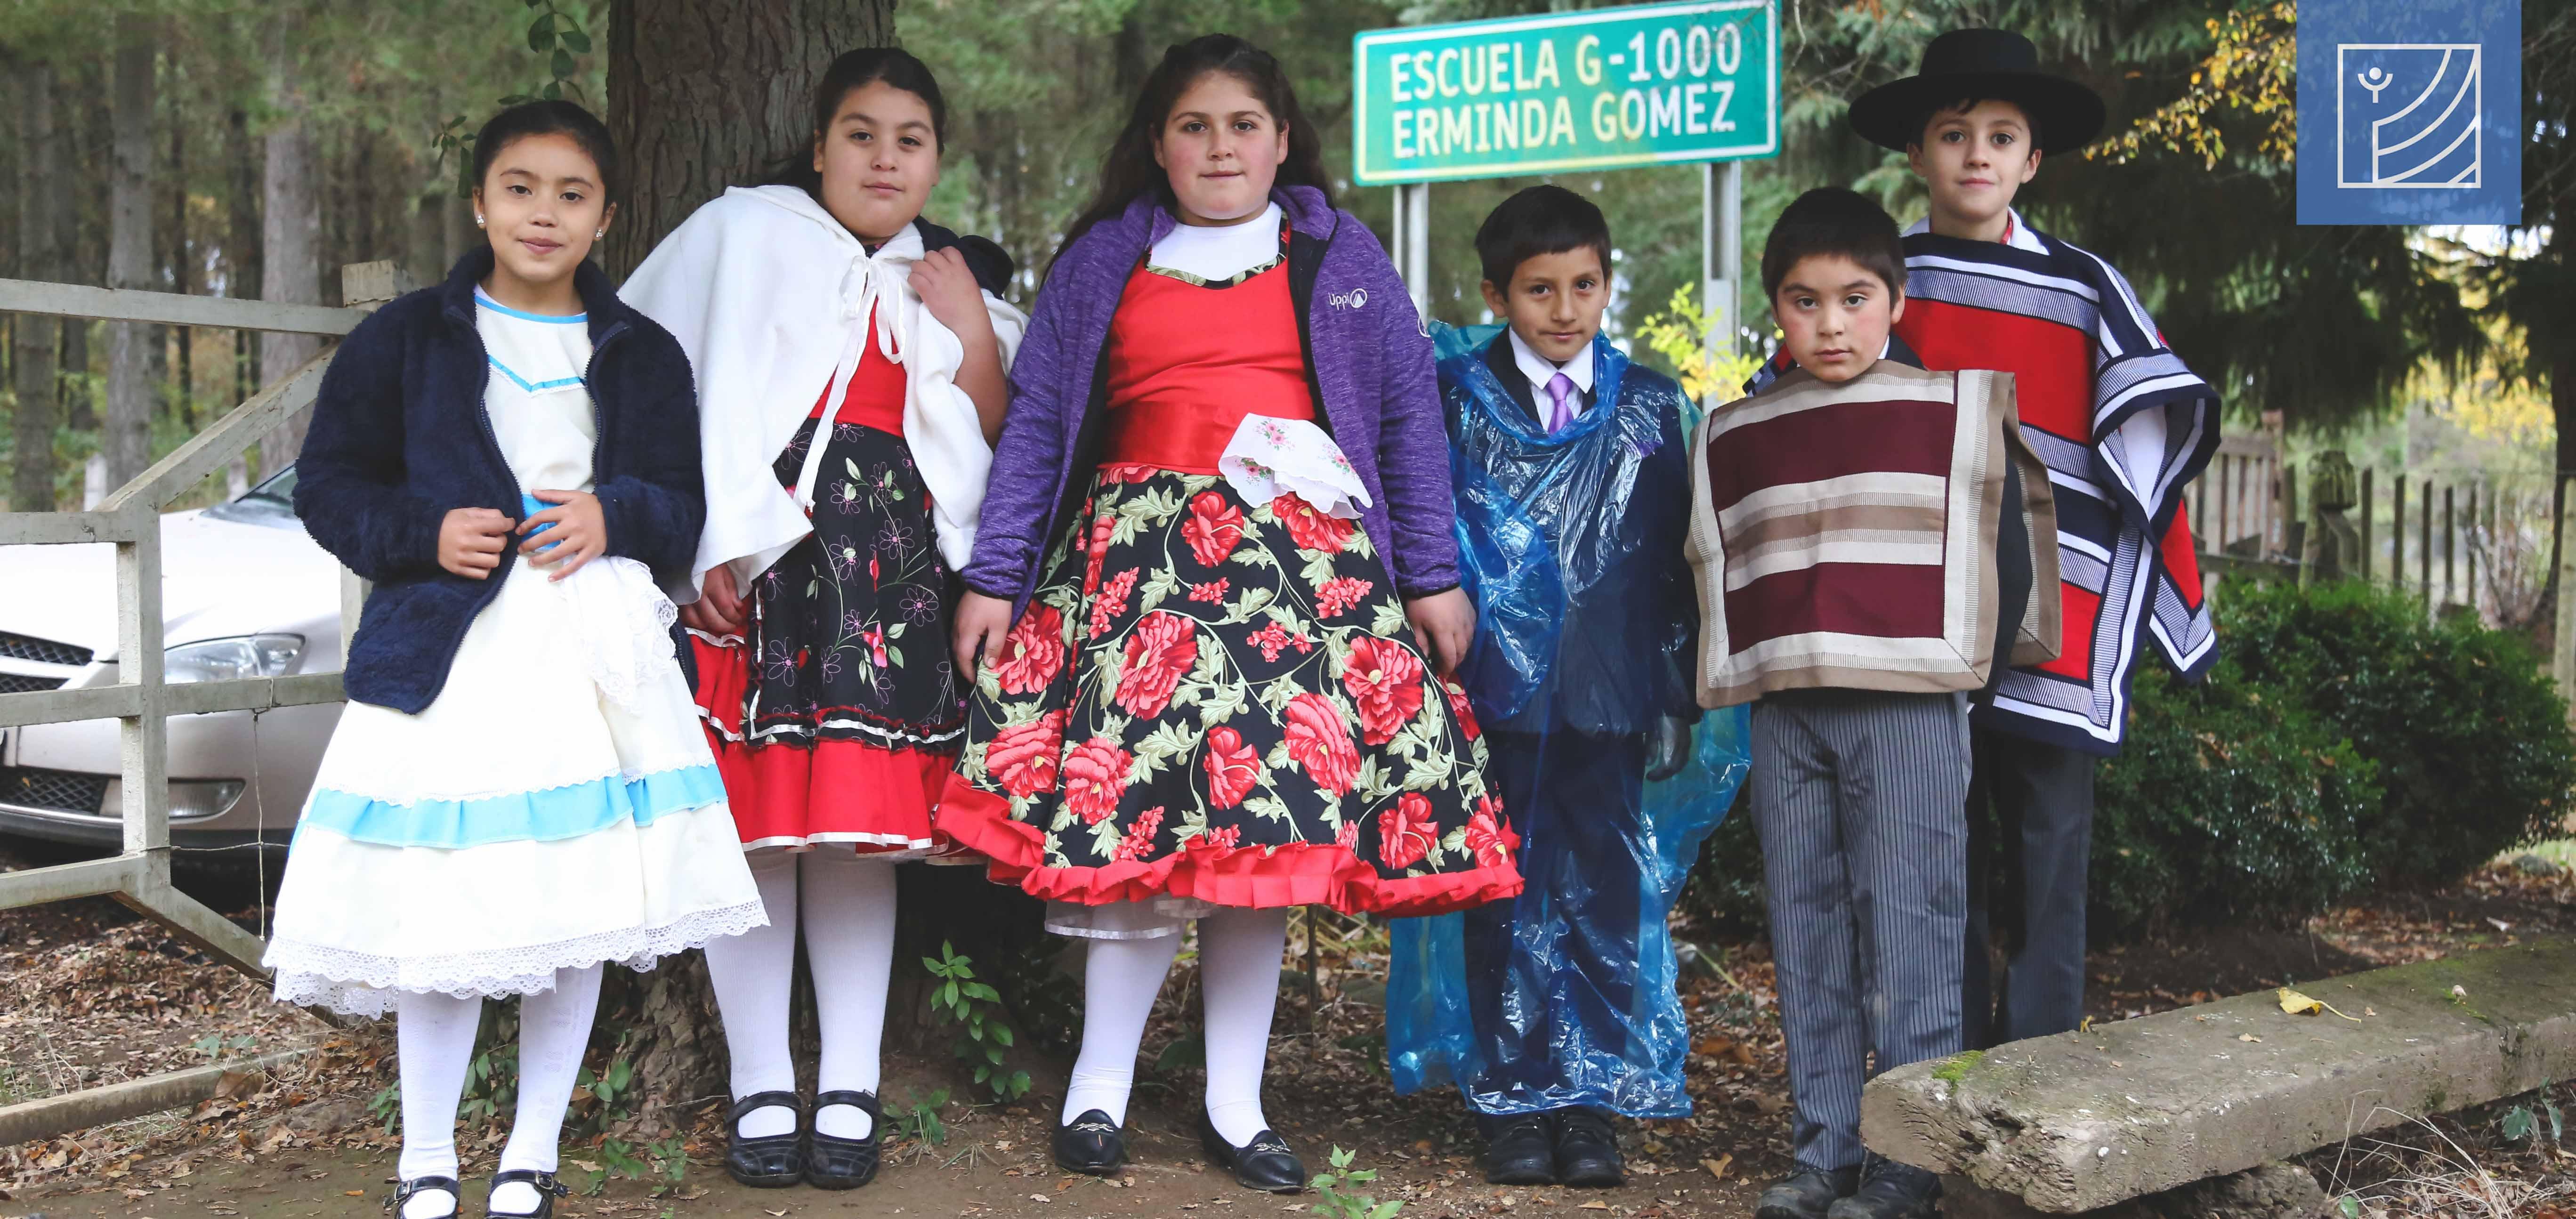 La escuela rural de Peralillo, G-1000 Erminda Gomez de Polic celebró sus 37 años.